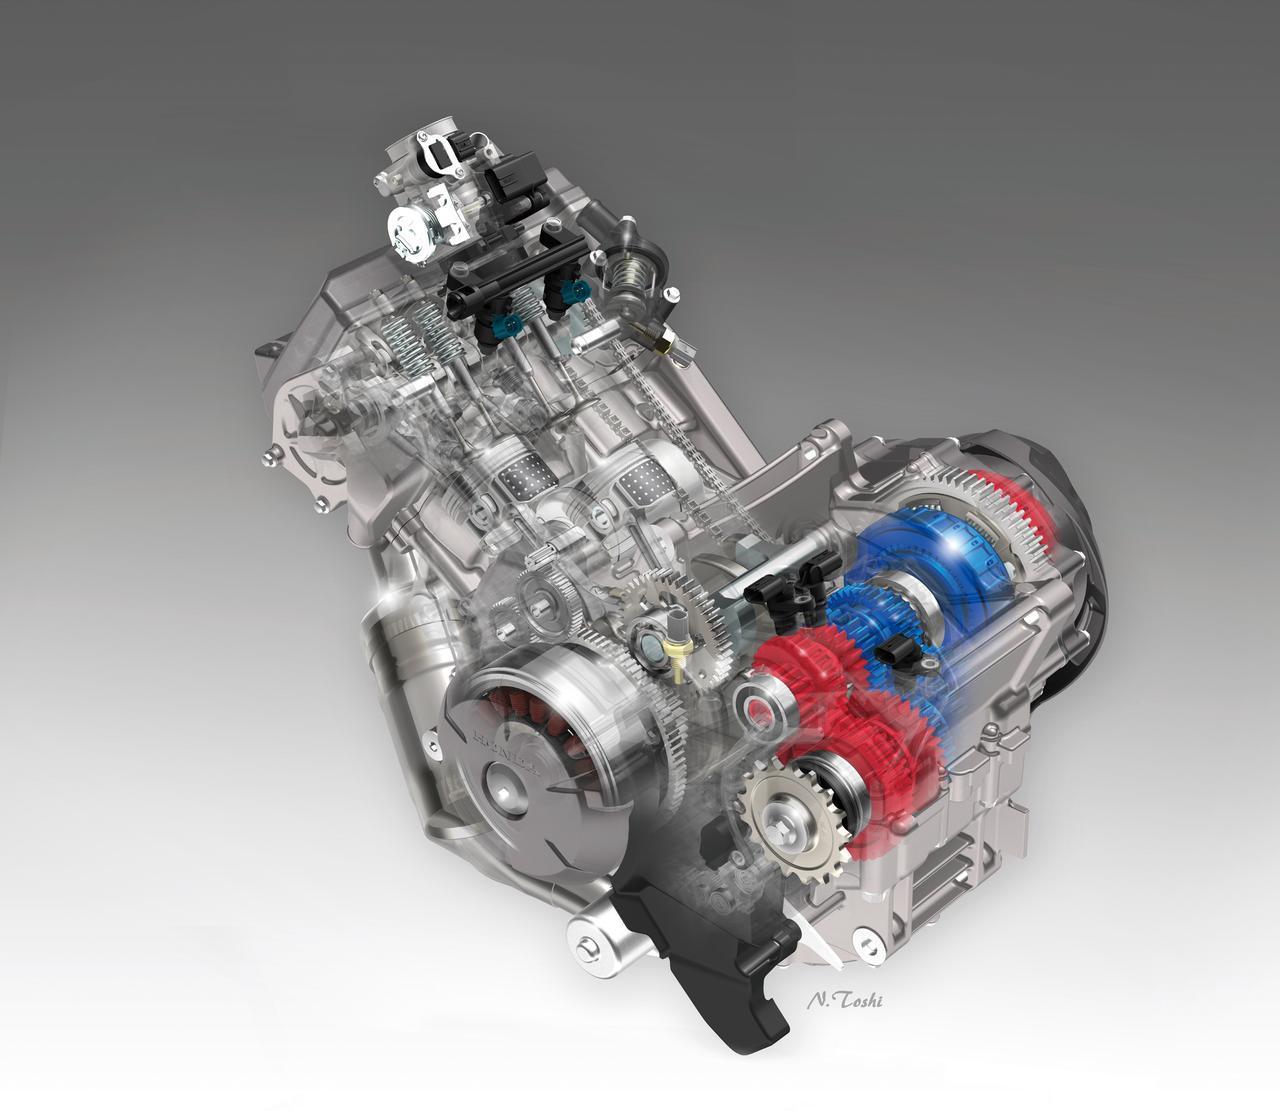 画像: Strong and easy to control at low and middle rpm range, NC750 engine is used as base. www.autoby.jp